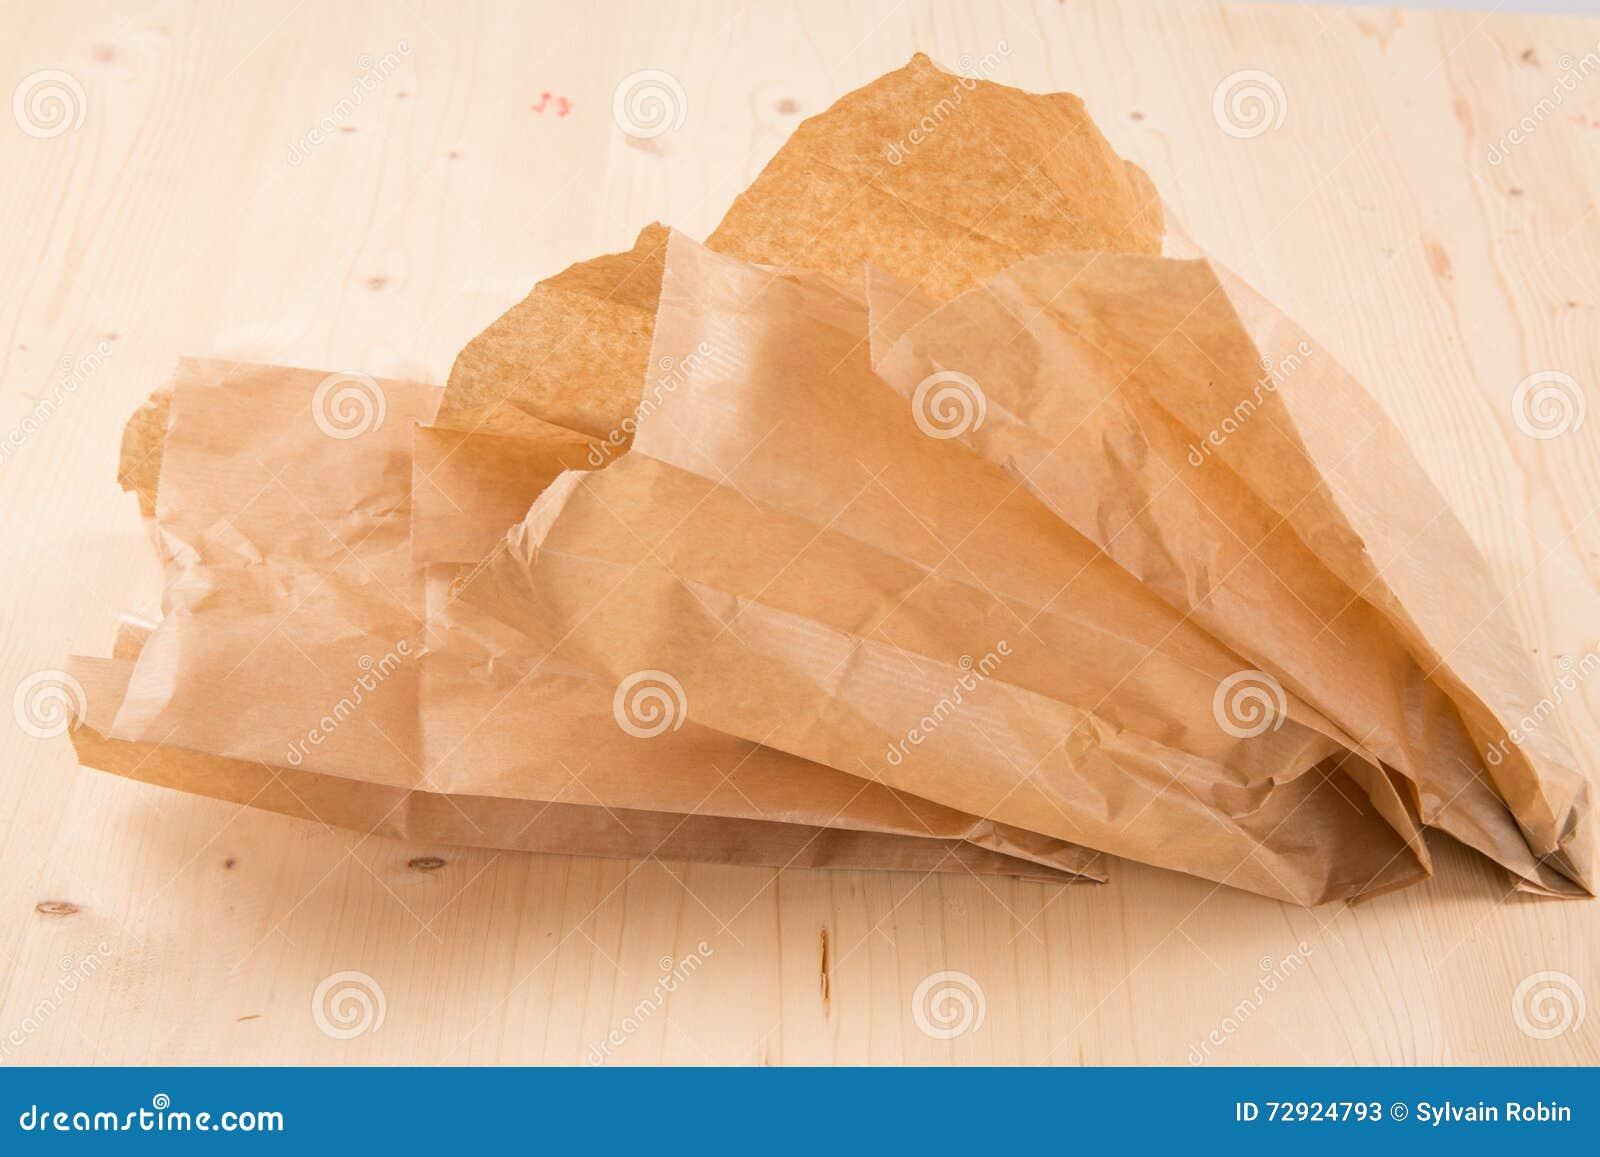 Συσκευάζοντας την ανακυκλωμένη σακούλα εγγράφου του Κραφτ στο ξύλινο υπόβαθρο με το ψαλίδισμα της πορείας